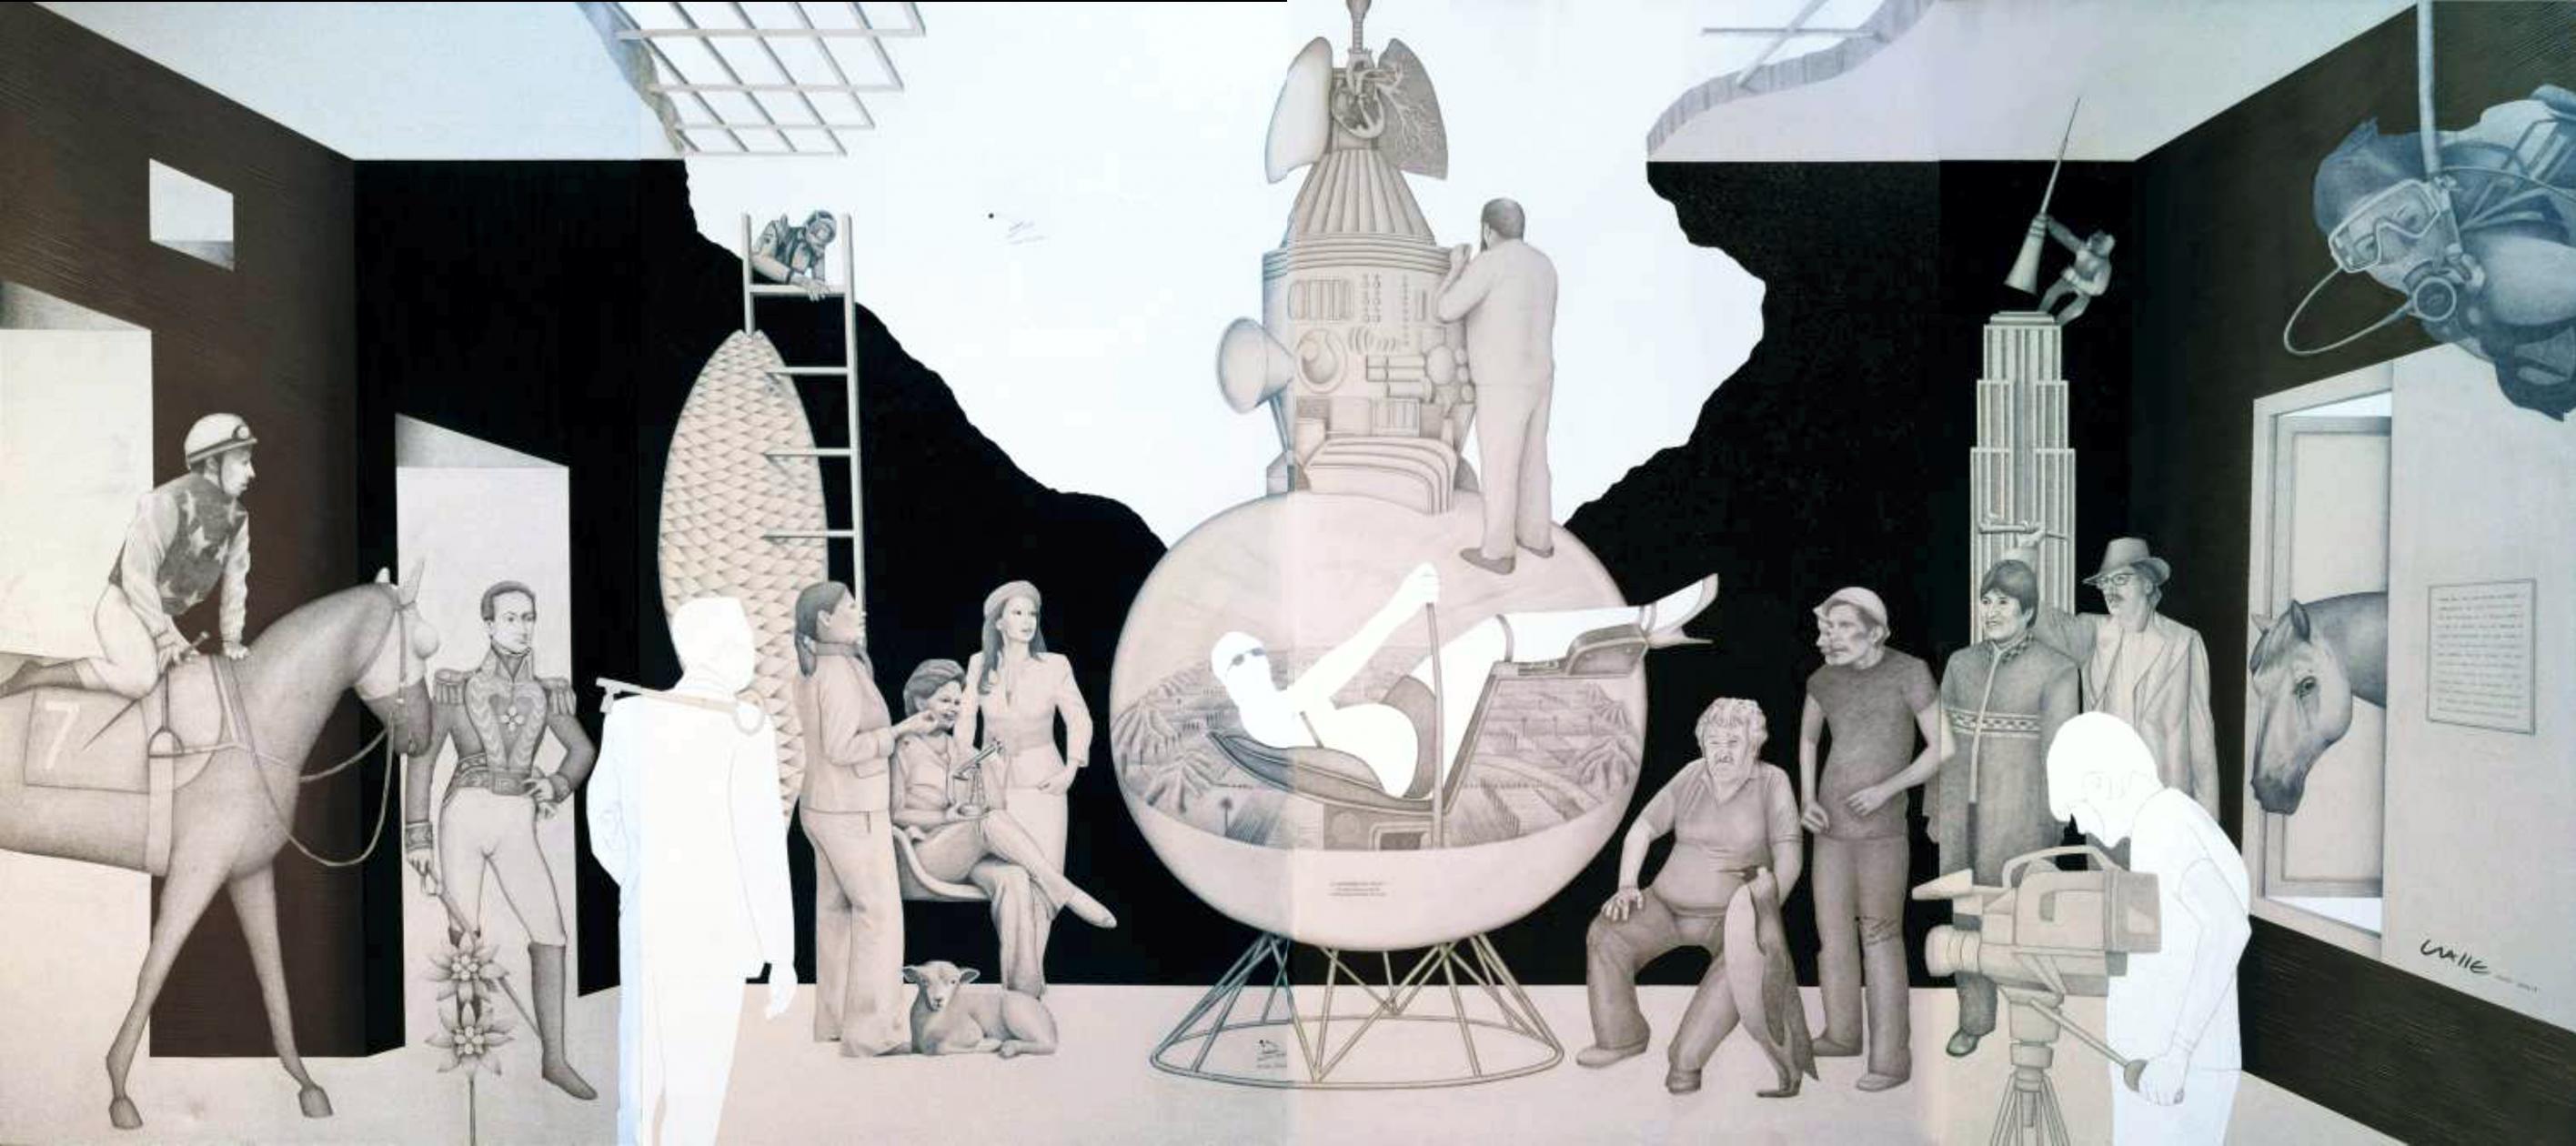 Presidentas y la máquina del tiempo (2014) - Andrés Ovalle